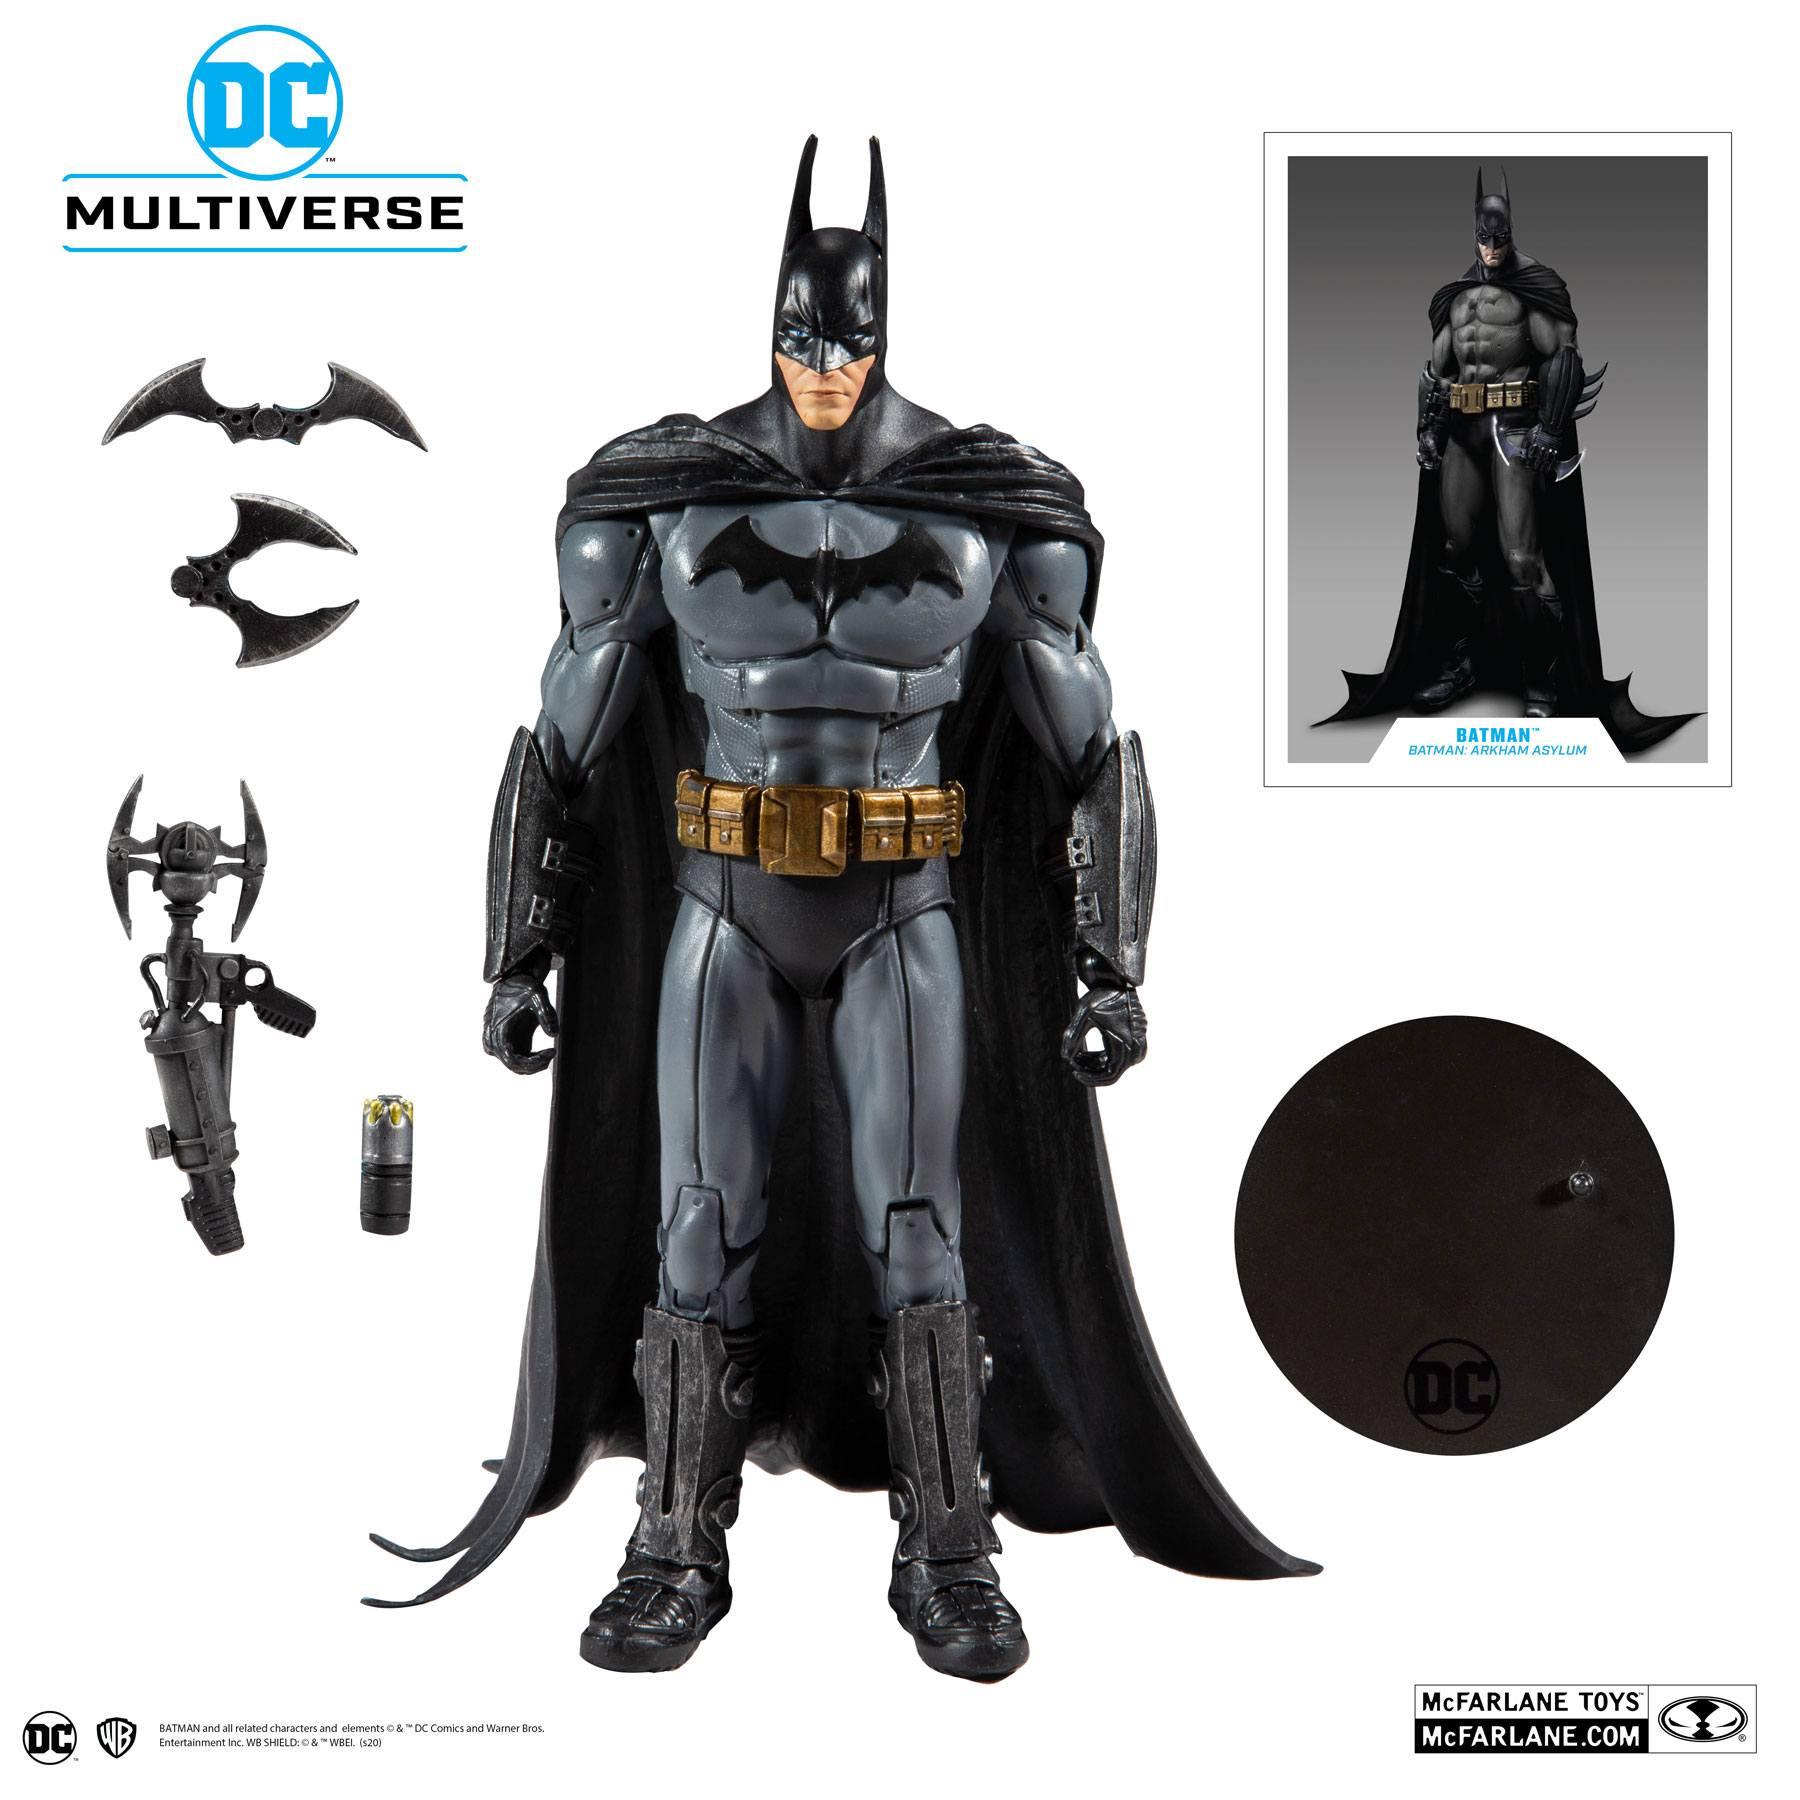 McFarlane Toys Batman Arkham Asylum Action Figure Batman 18 cm